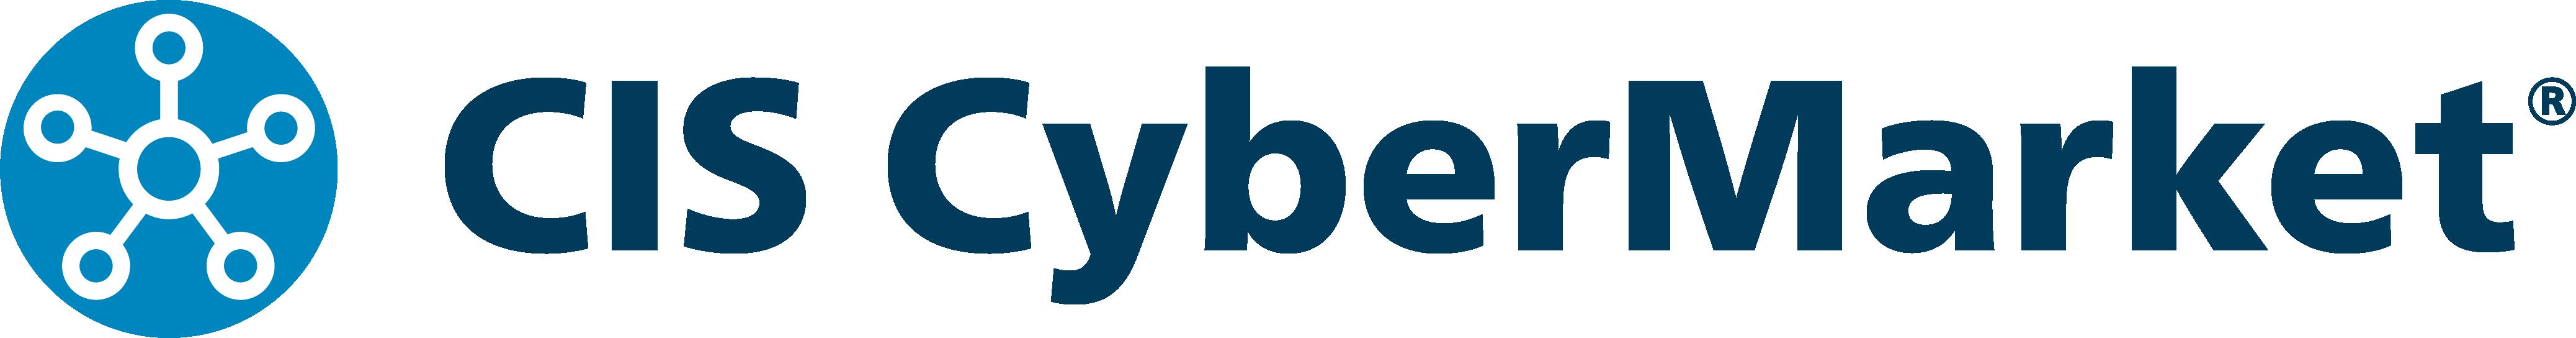 Cimcor, Inc. and CIS Announce CIS CyberMarket® Partnership